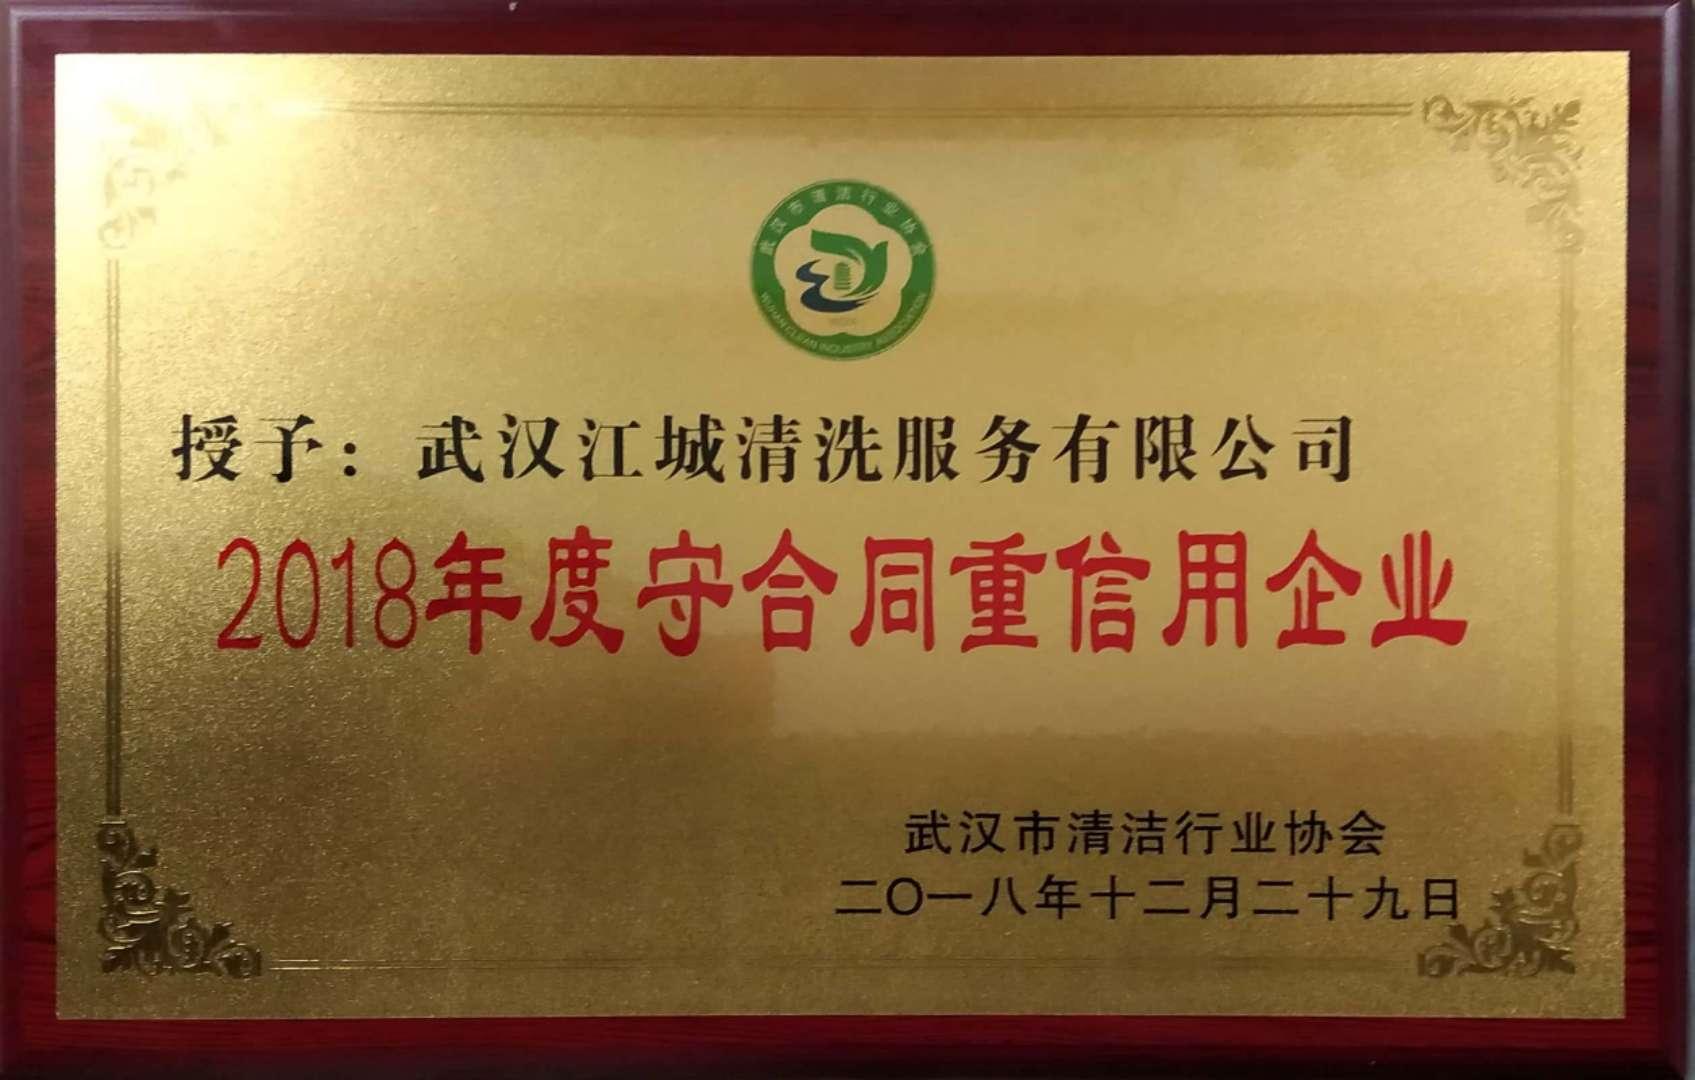 2018年度守合同重信用企业证书